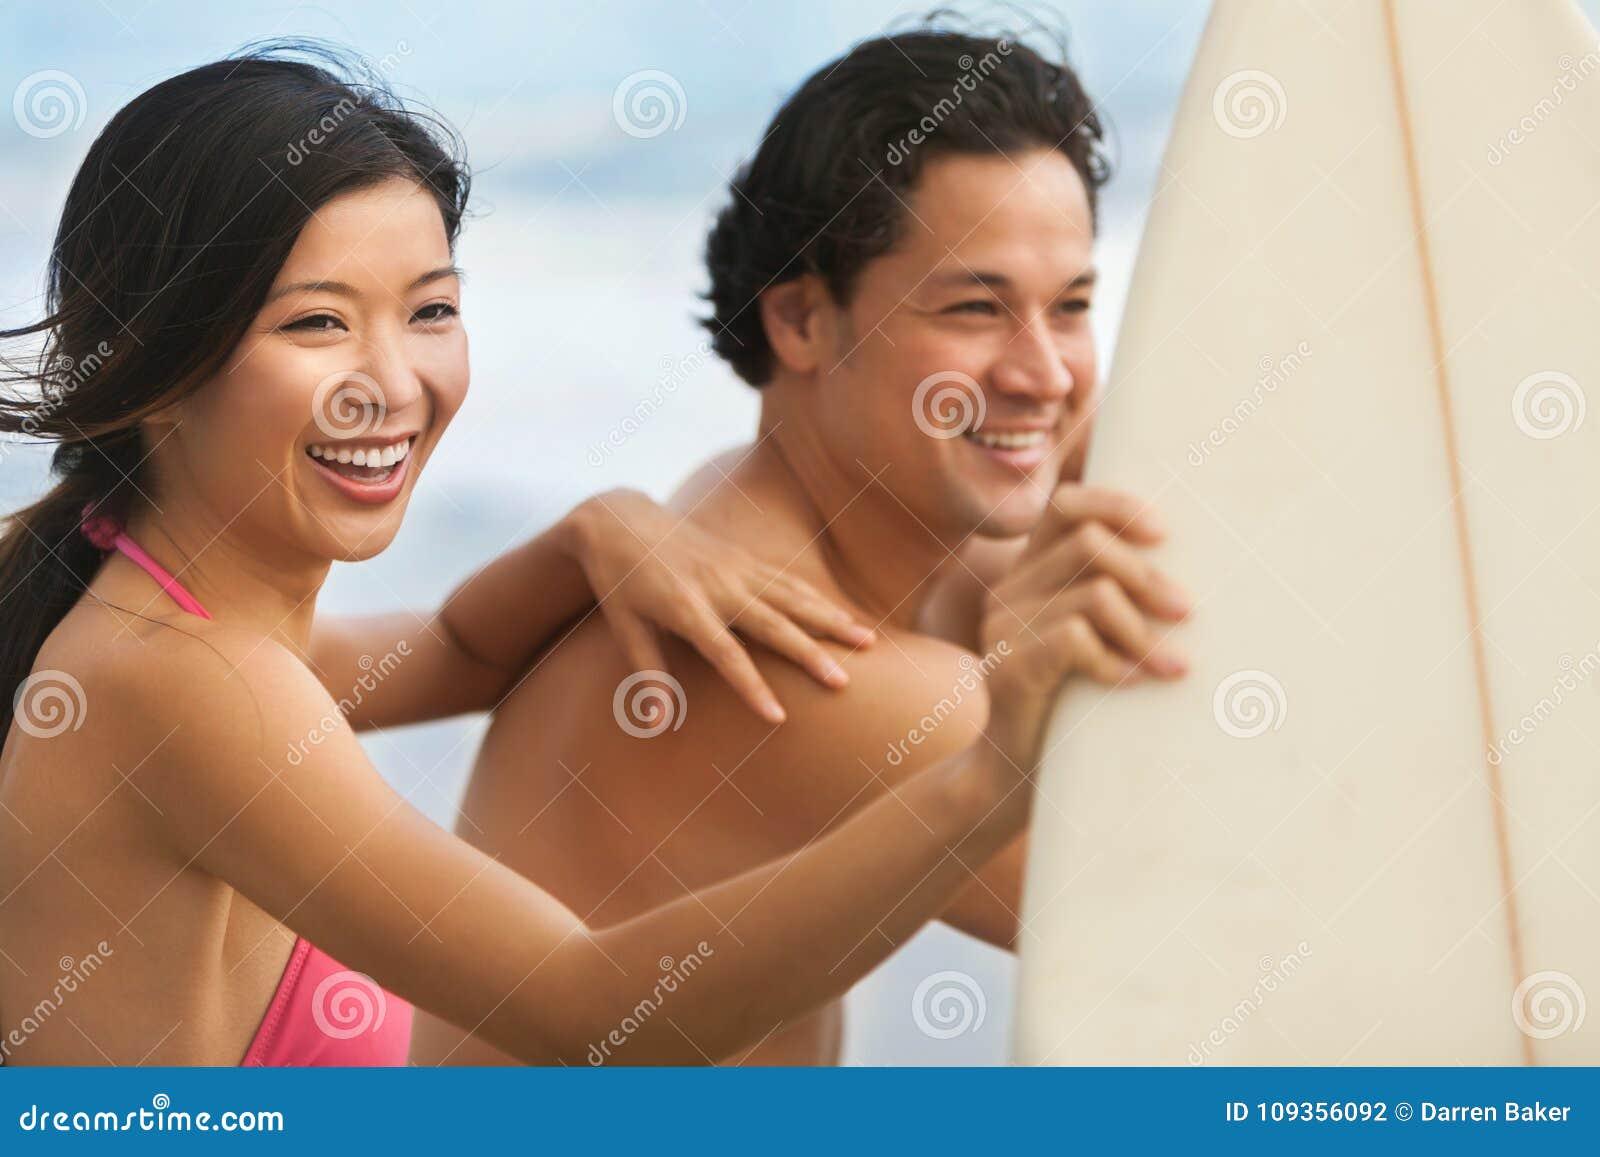 Asiatico uomo nero donna Dating sito